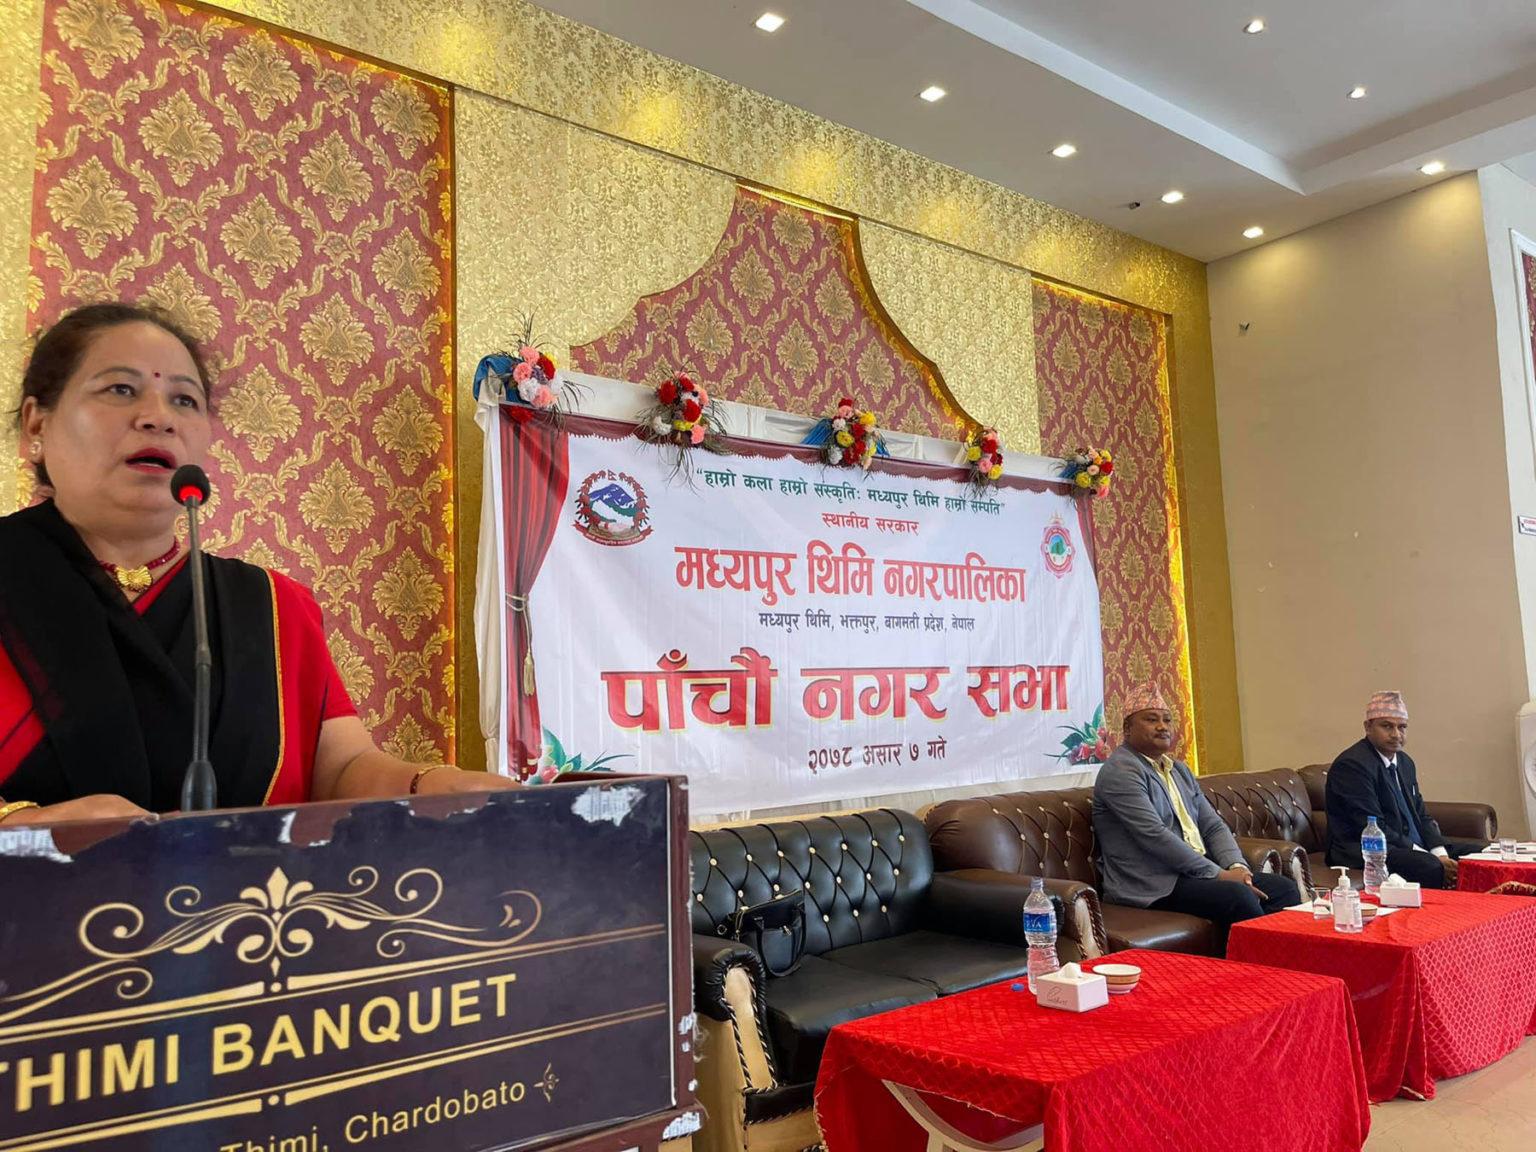 मध्यपुर थिमिको नीति तथा कार्यक्रम कारोना नियन्त्रणमा केन्द्रित